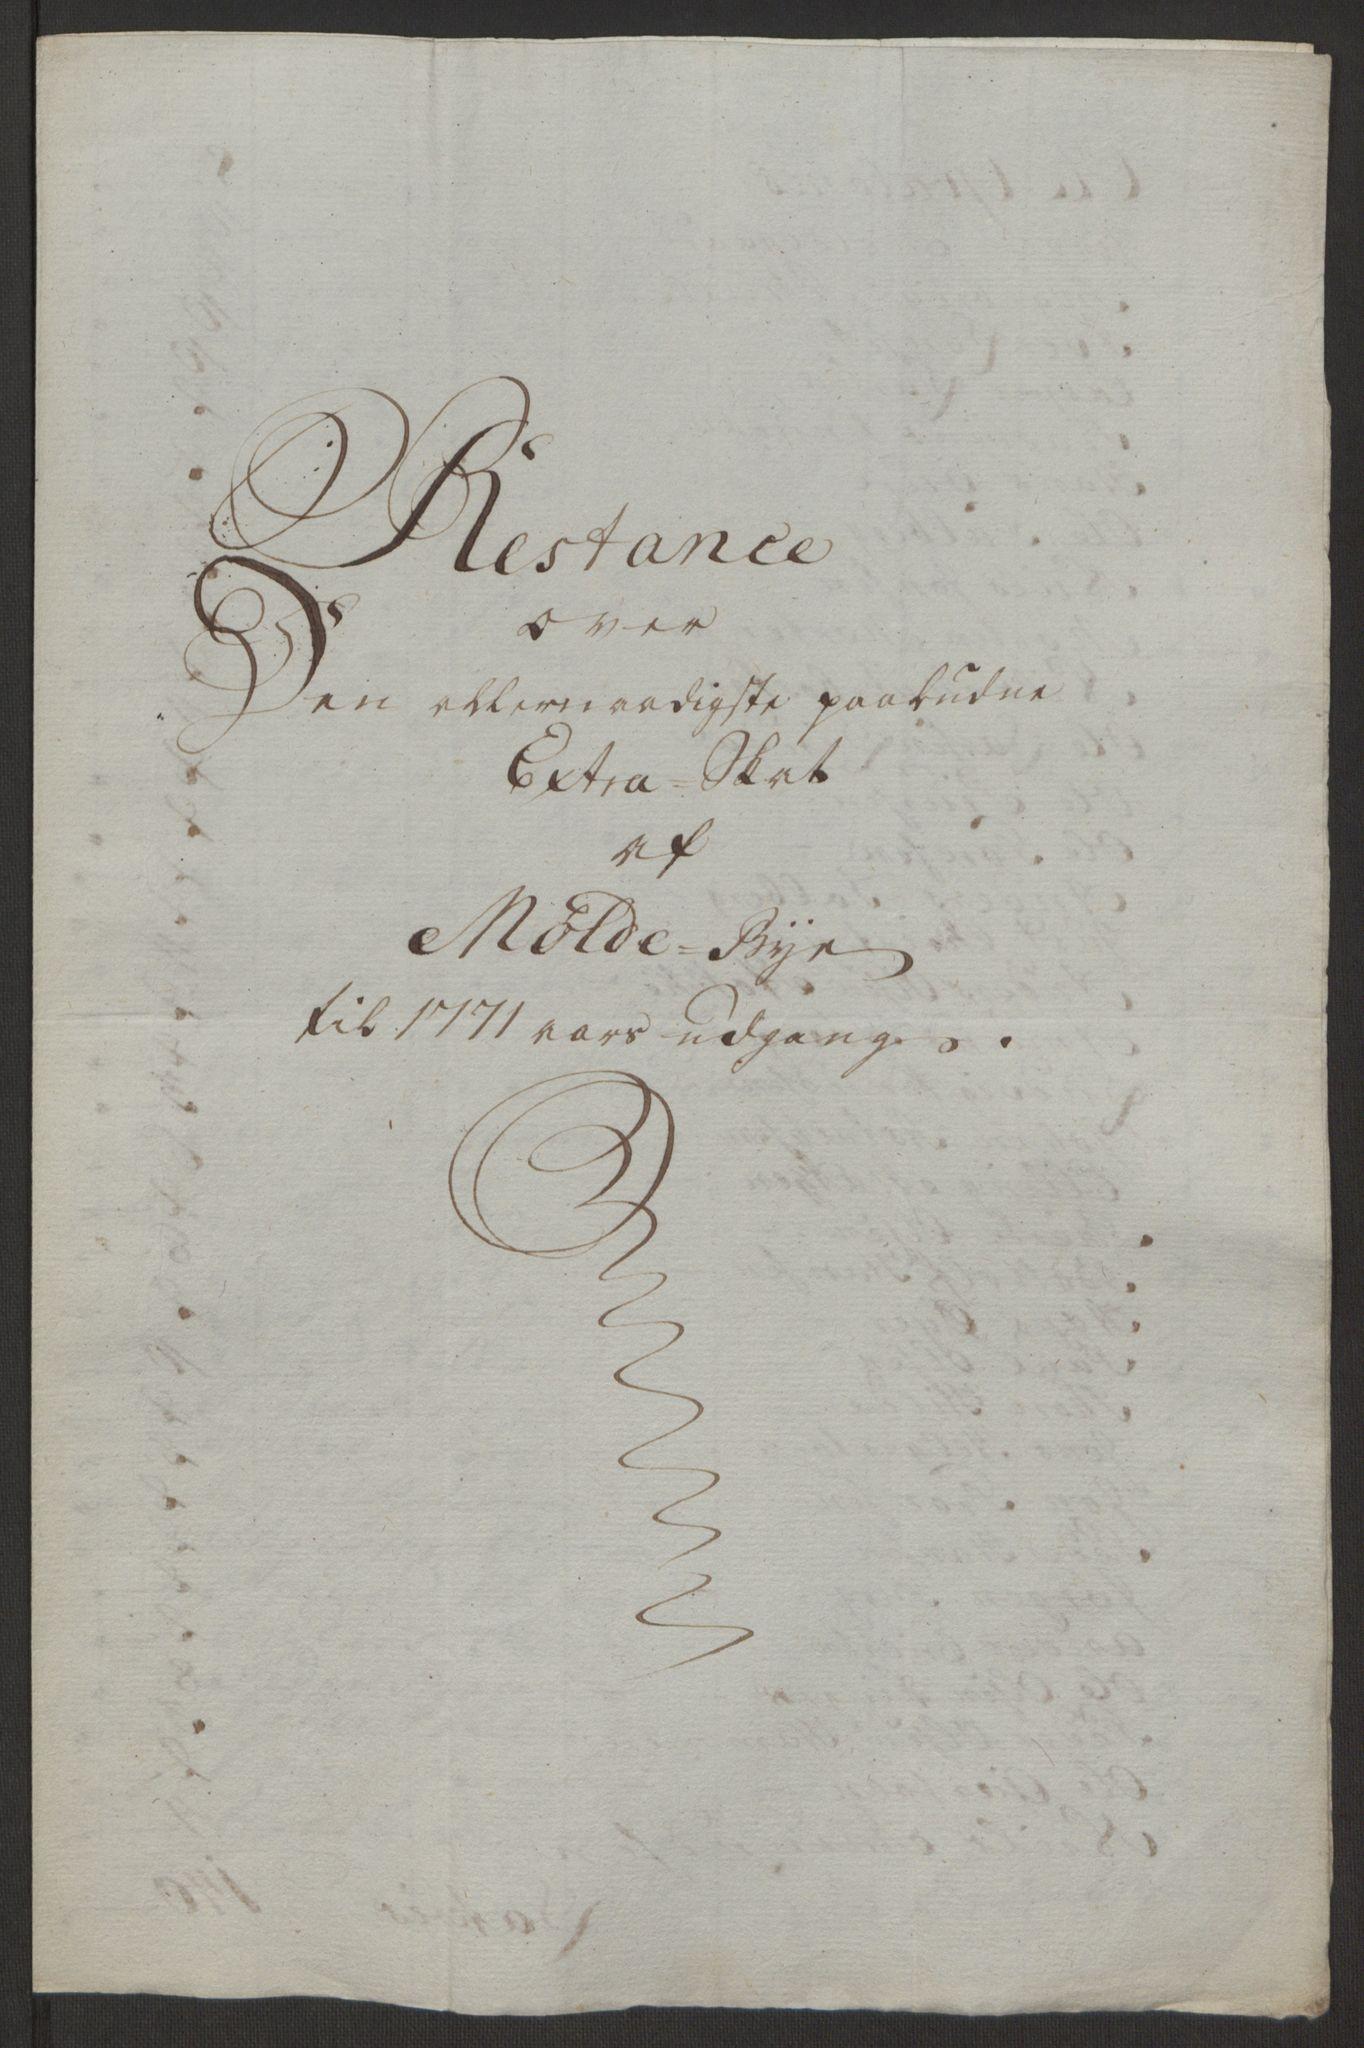 RA, Rentekammeret inntil 1814, Reviderte regnskaper, Byregnskaper, R/Rq/L0487: [Q1] Kontribusjonsregnskap, 1762-1772, s. 208